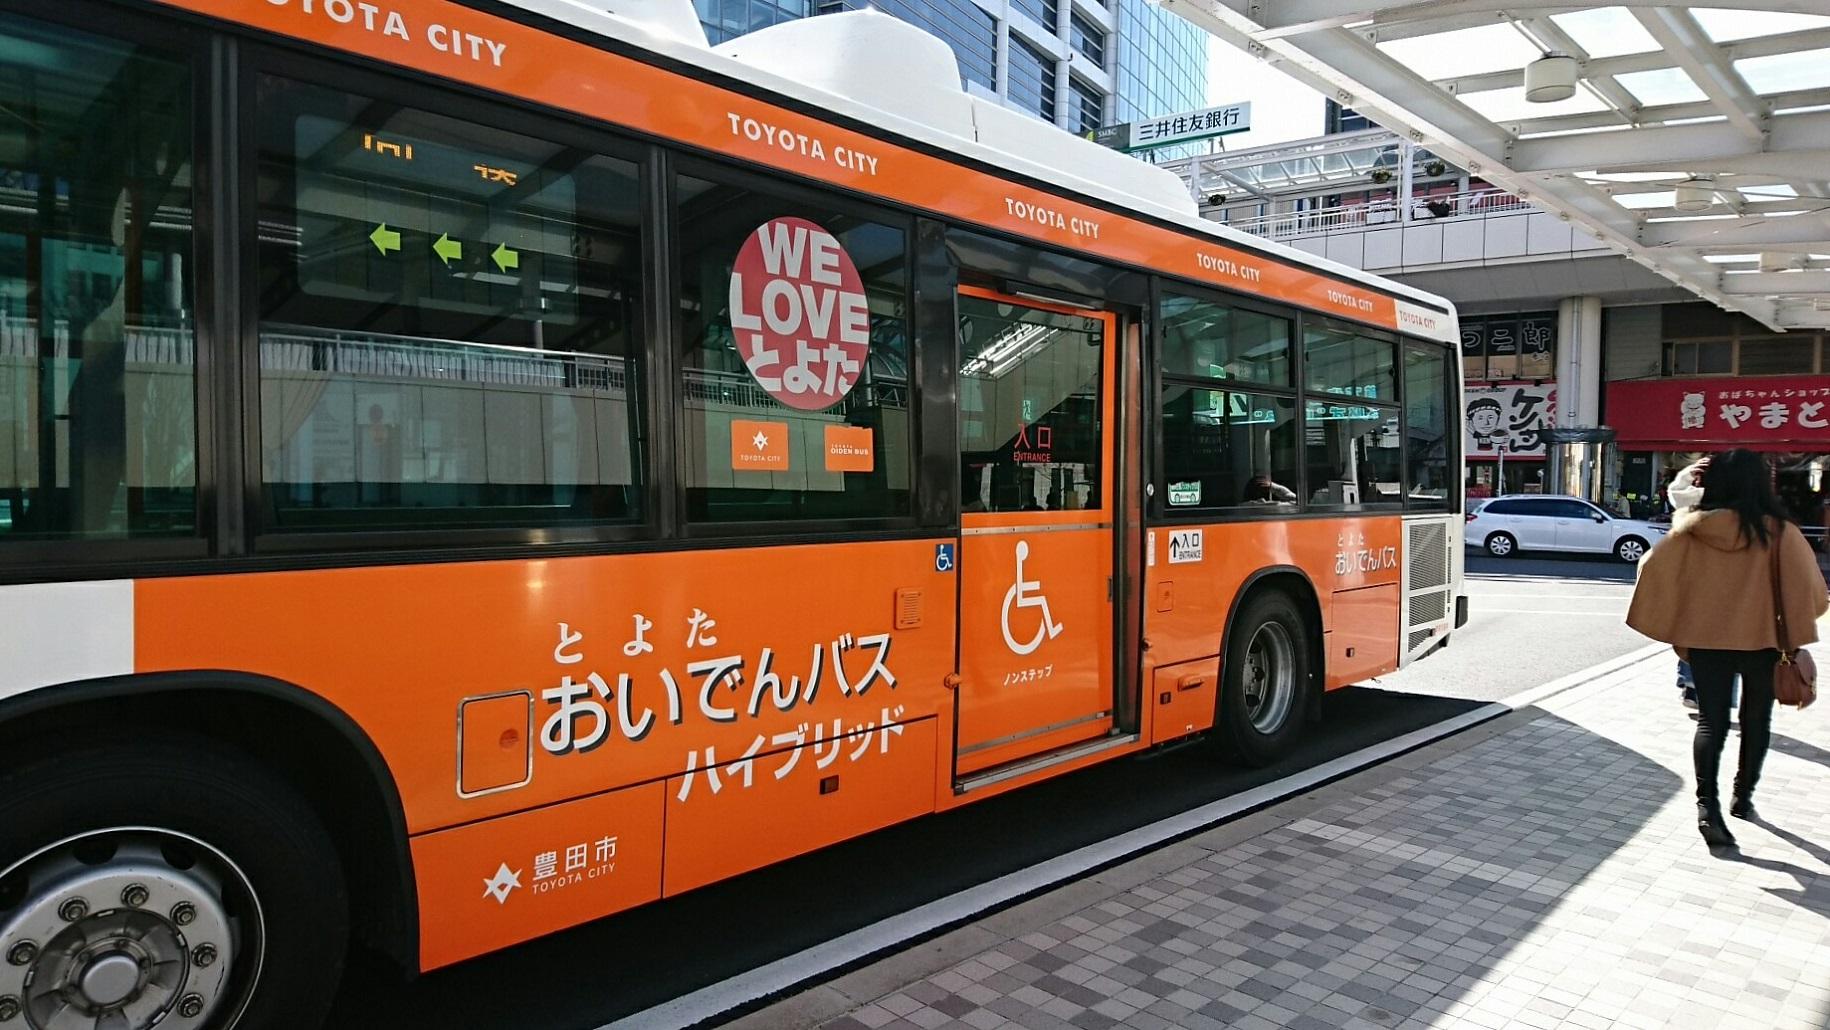 2018.2.27 (107) 豊田市バスおりば - 豊田市いきバス 1830-1030